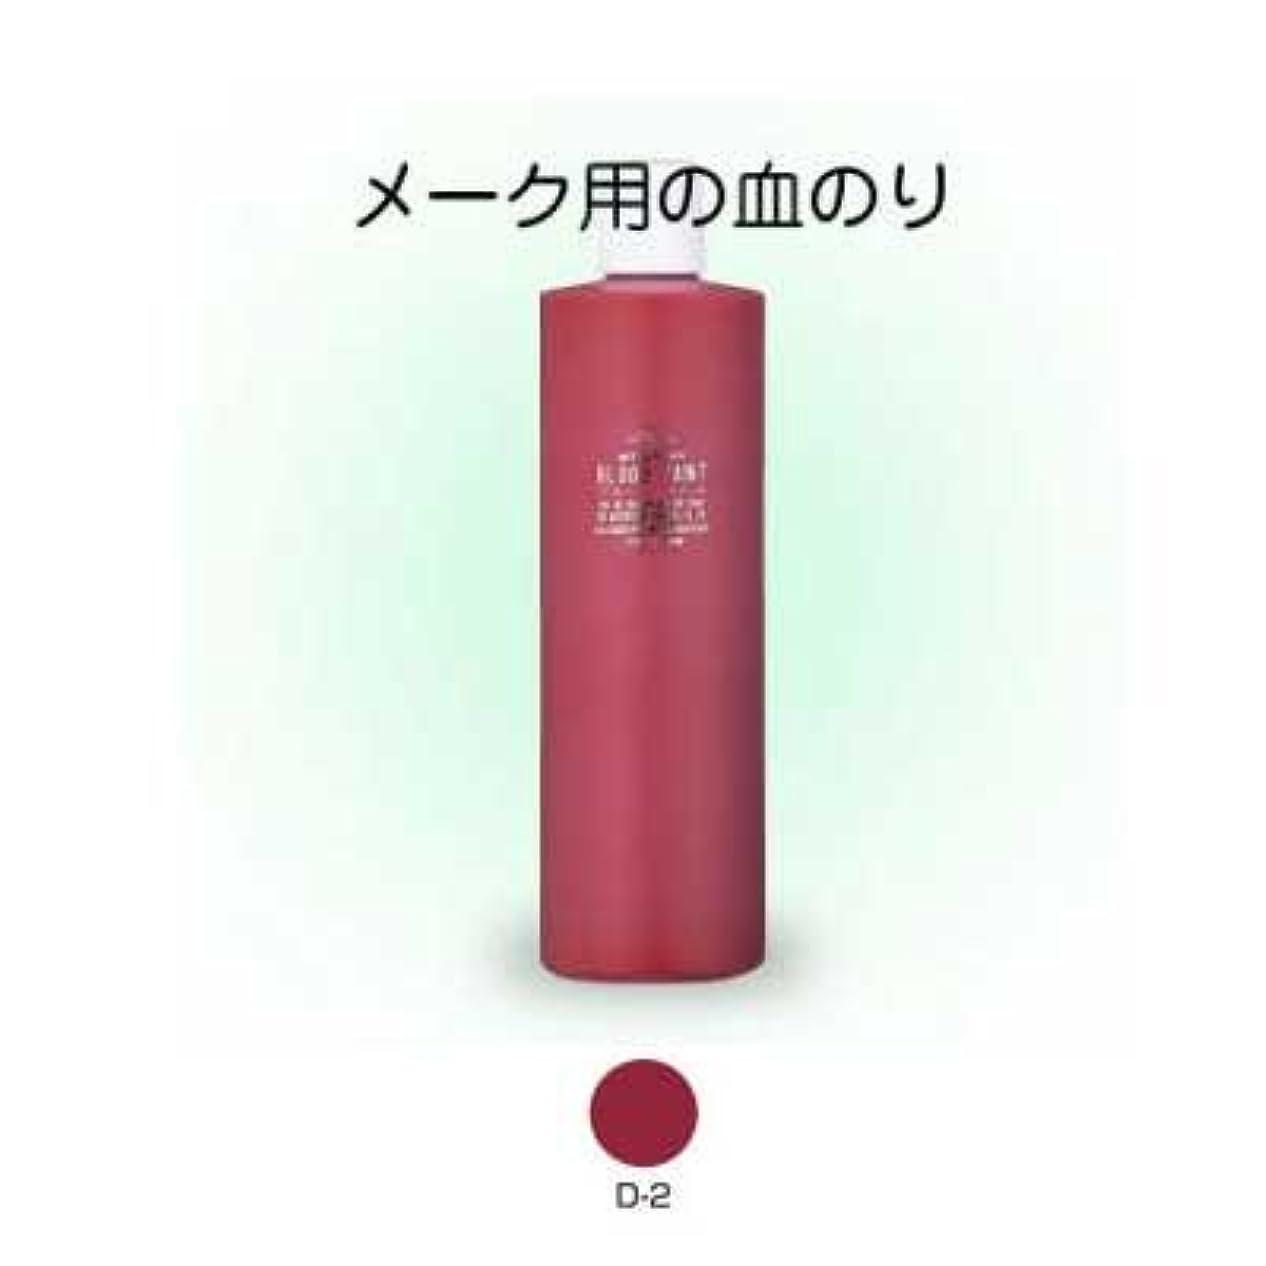 寂しいバンジョー生ブロードペイント(メークアップ用の血のり)500ml D-2【三善】